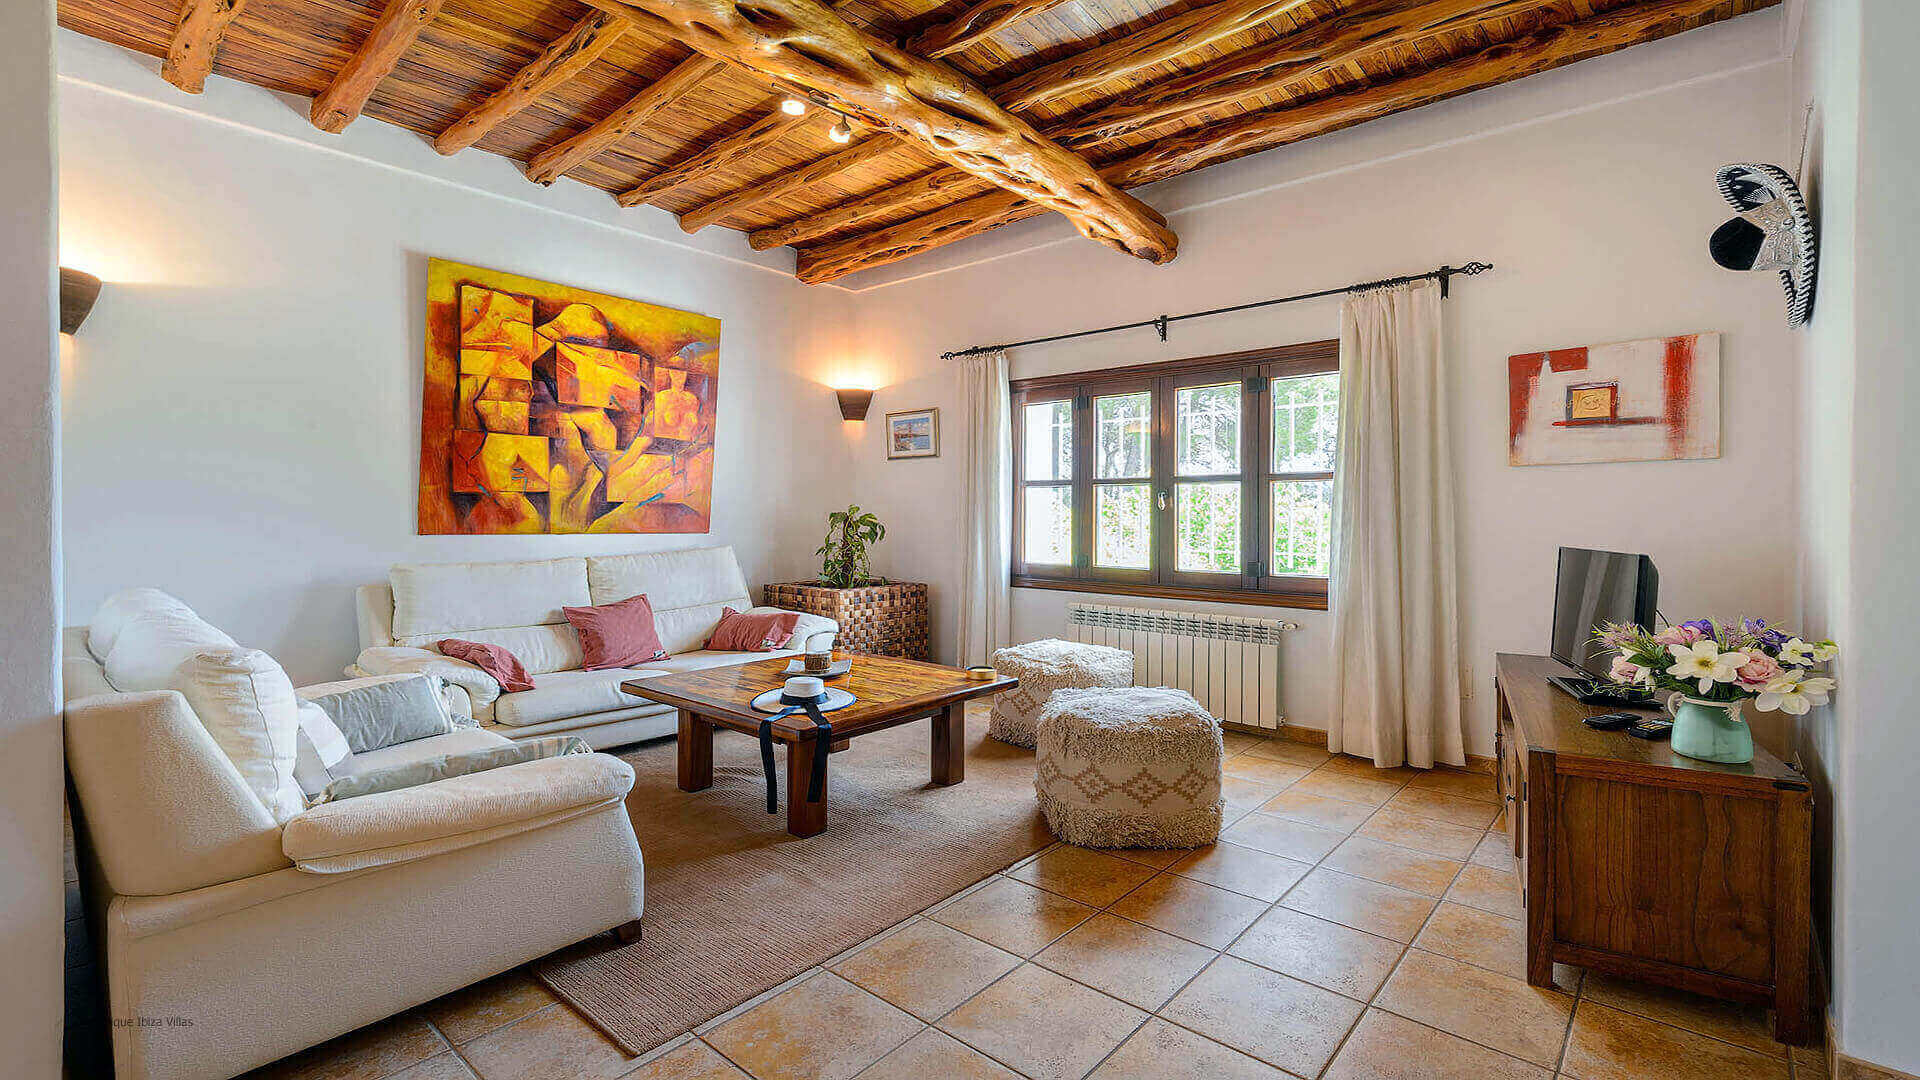 Curreu III Ibiza 24 Santa Gertrudis